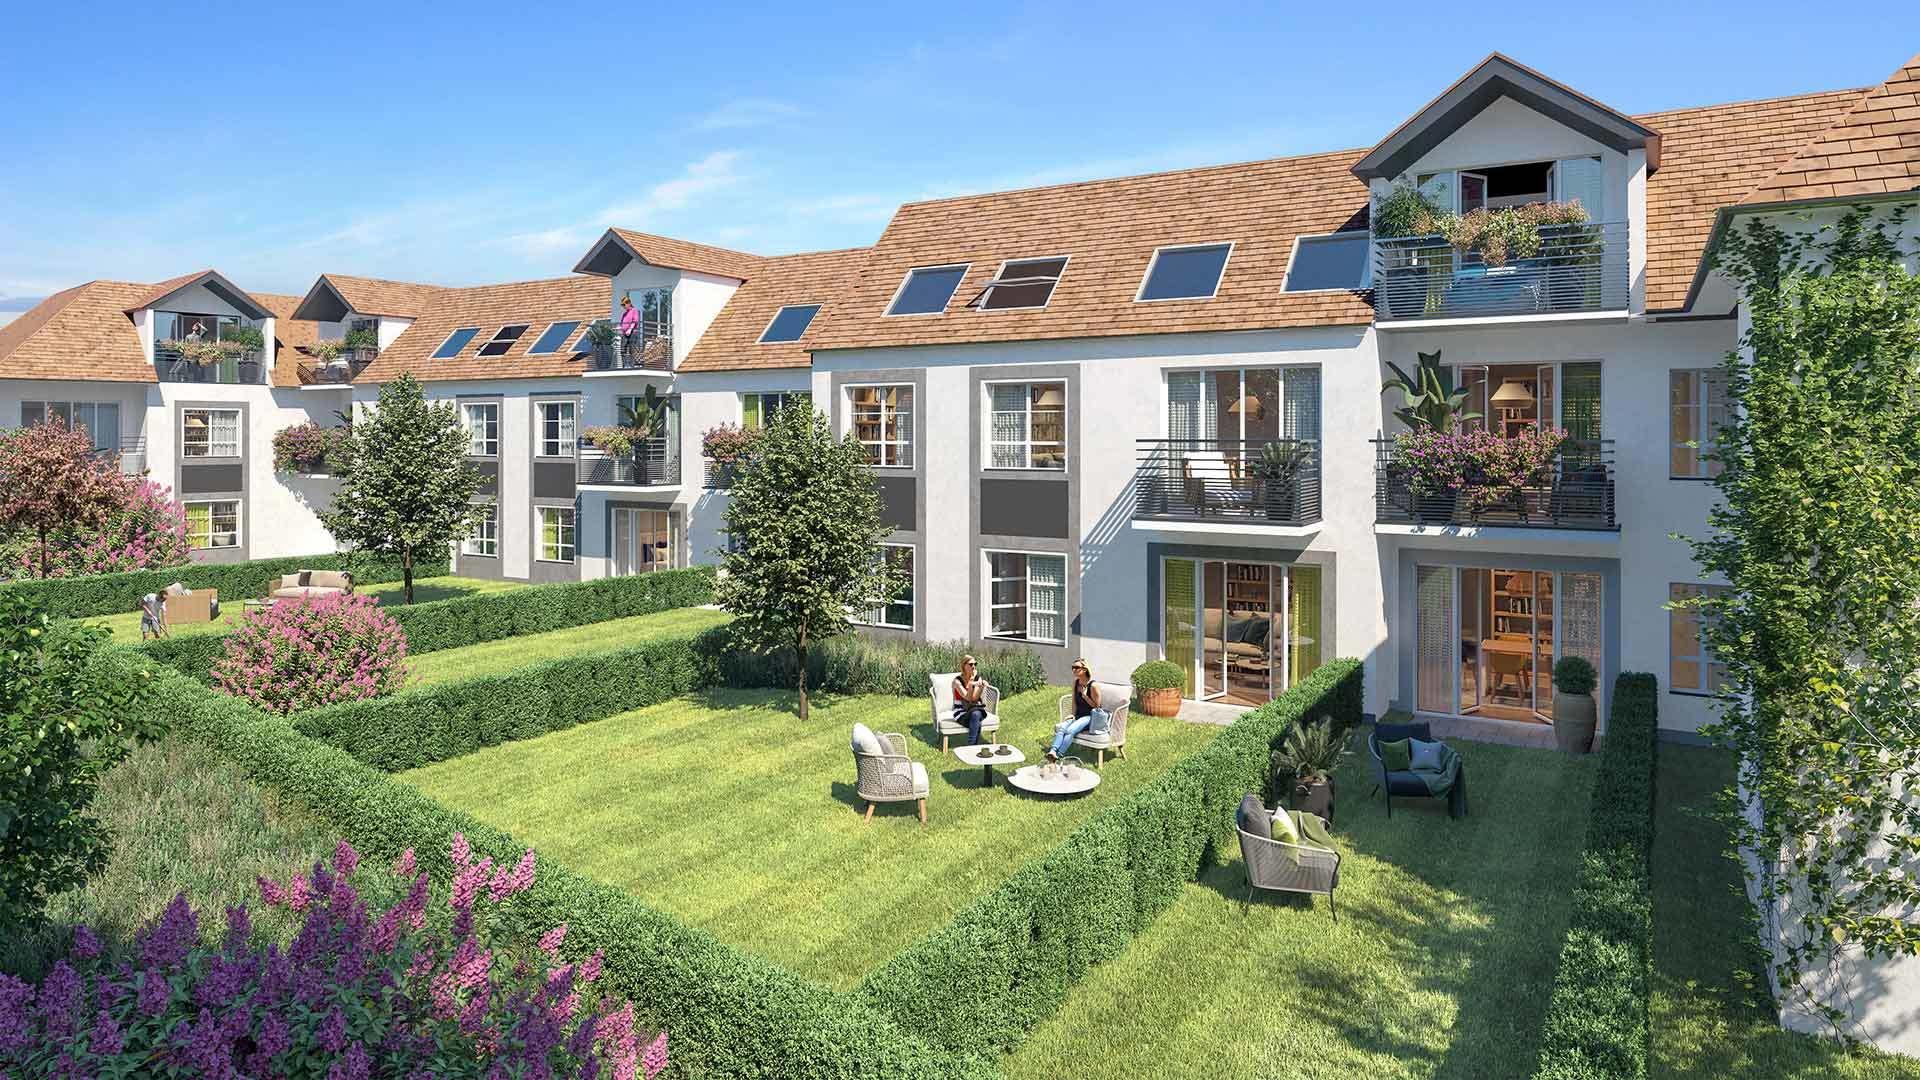 les jardins de la fontaine lucas Pontault-Combault 77340 Altanova Immobilier